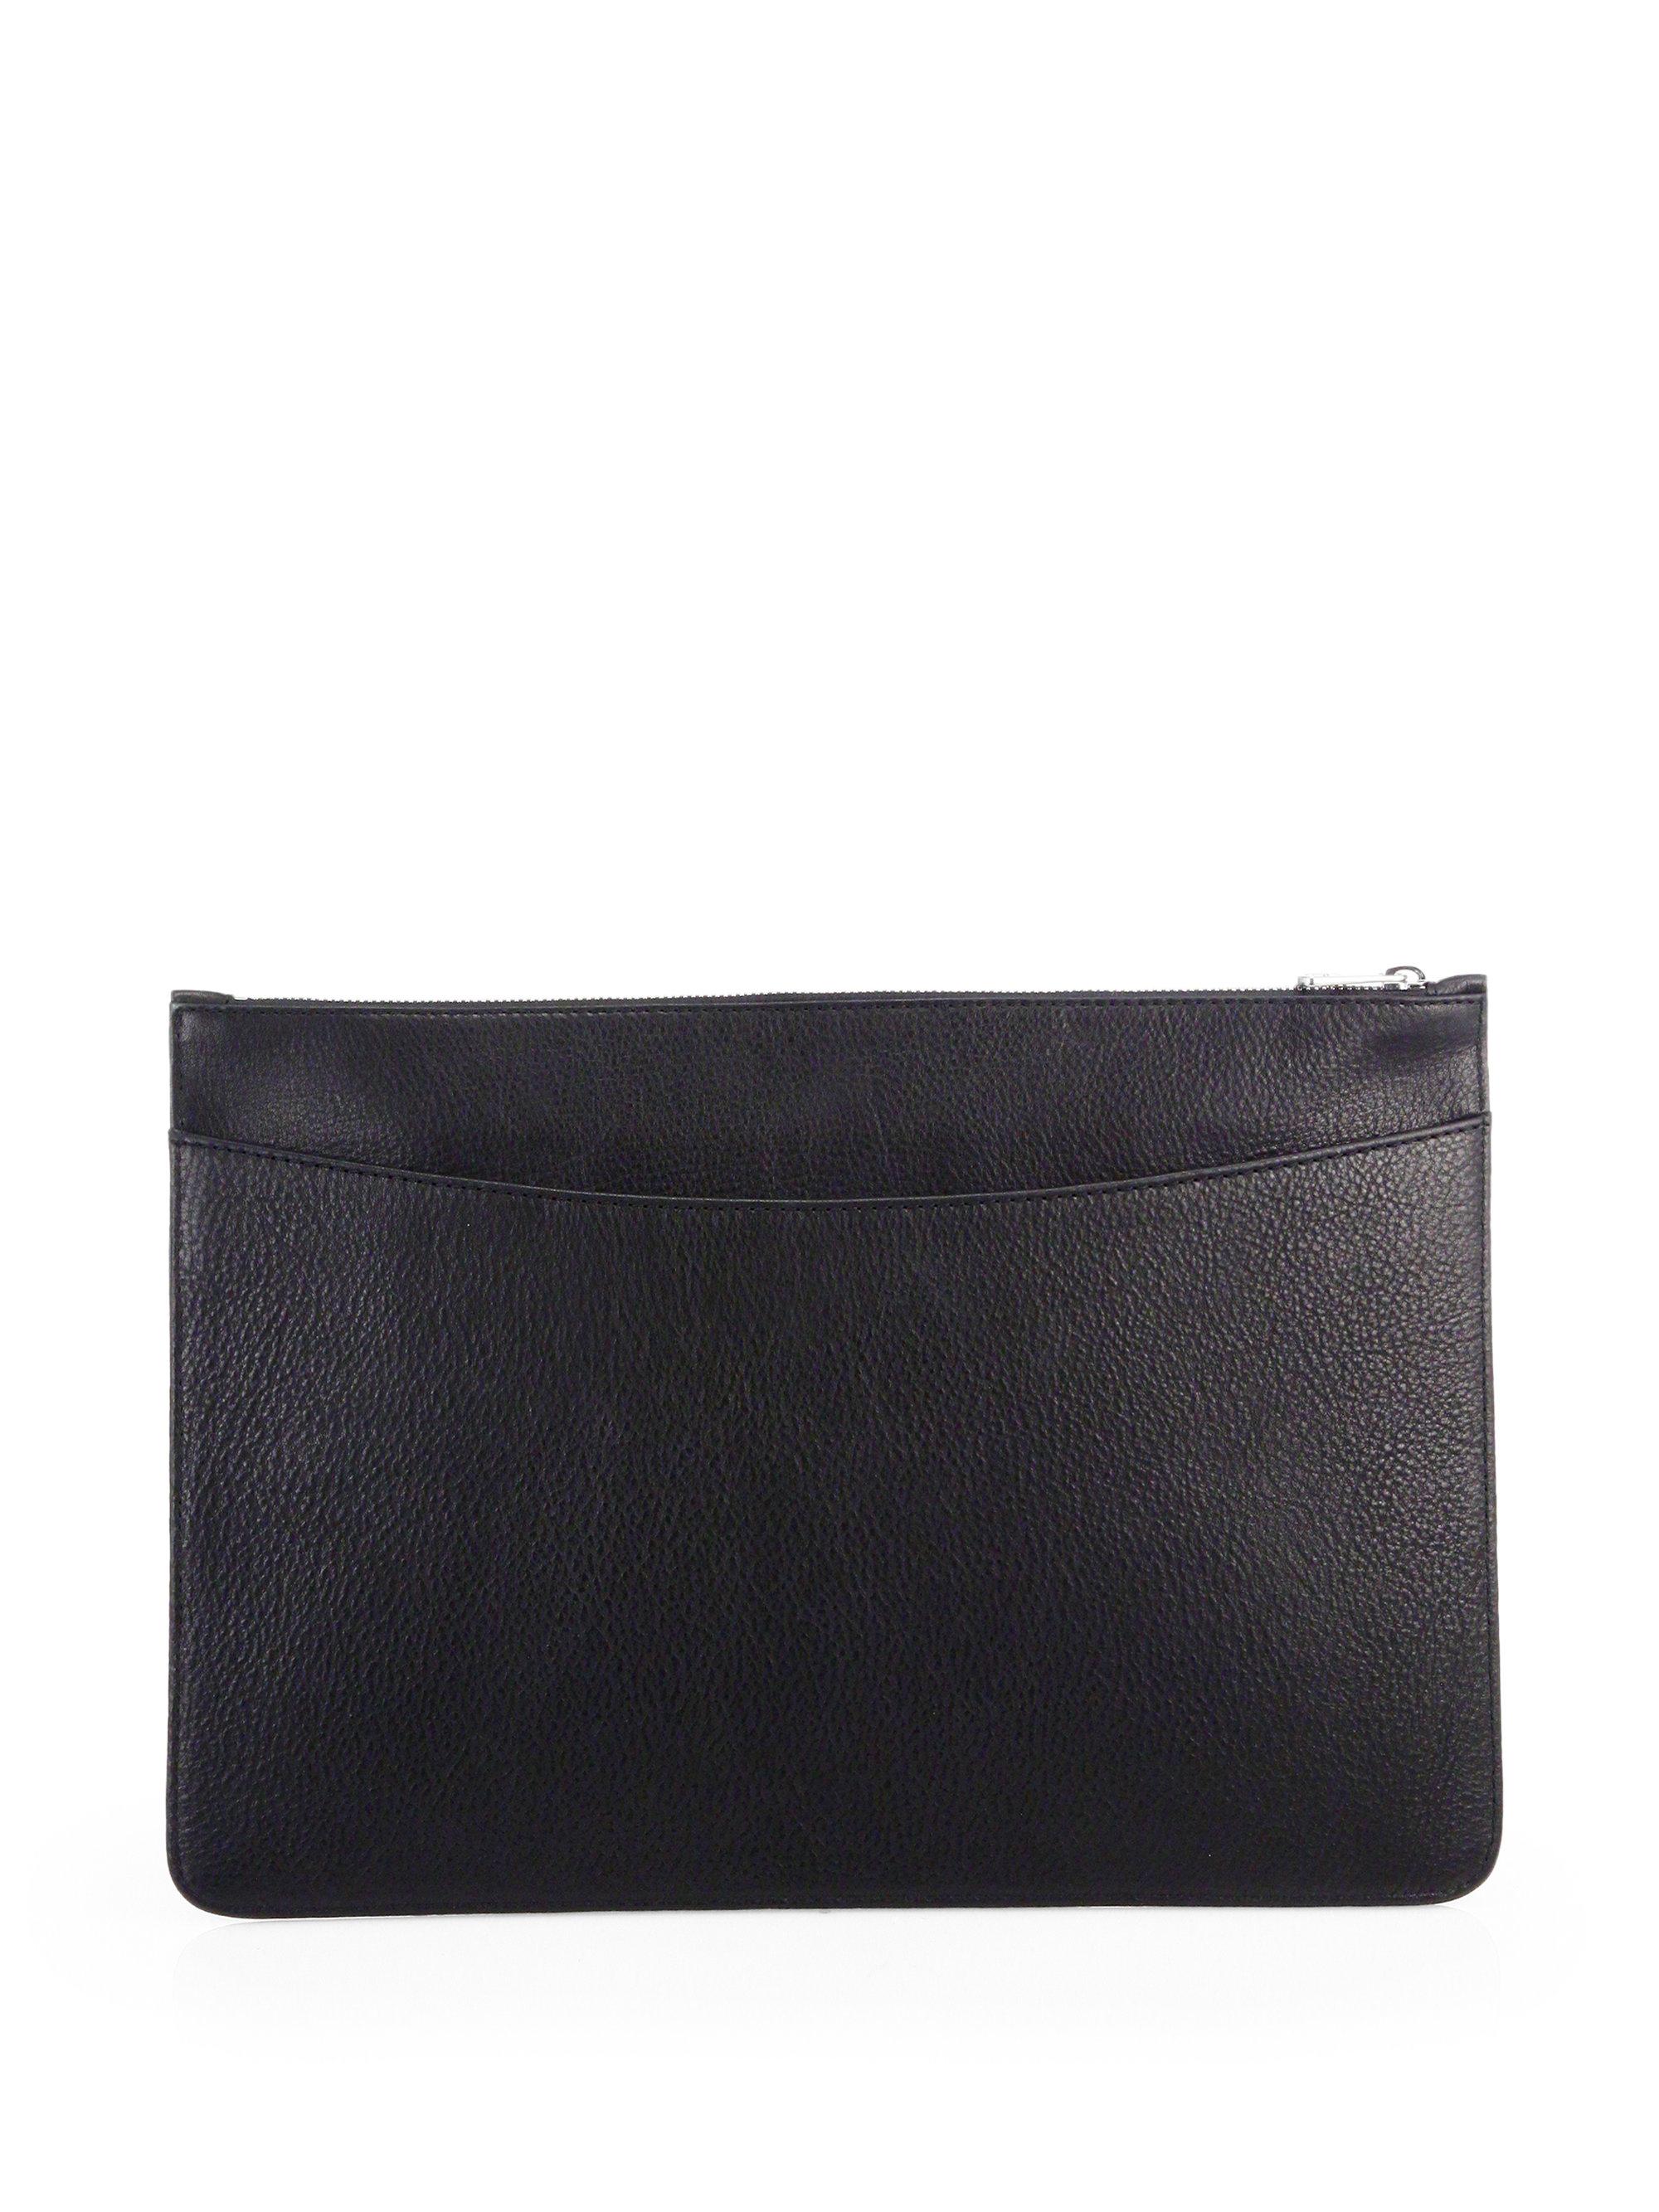 lyst a p c porte document holder in black for men